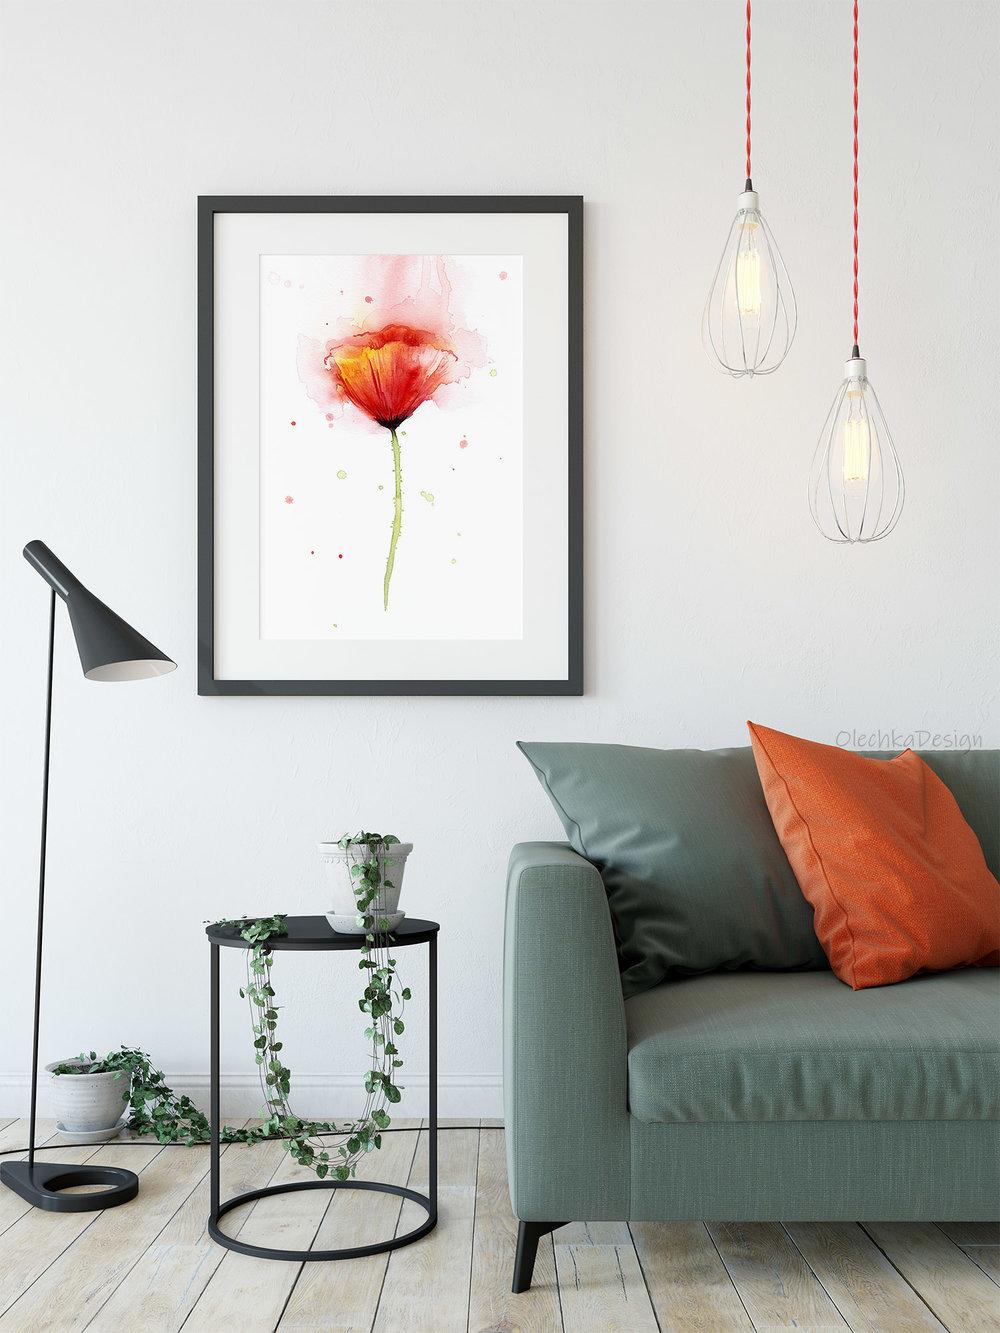 poppy-watercolor-art.jpg